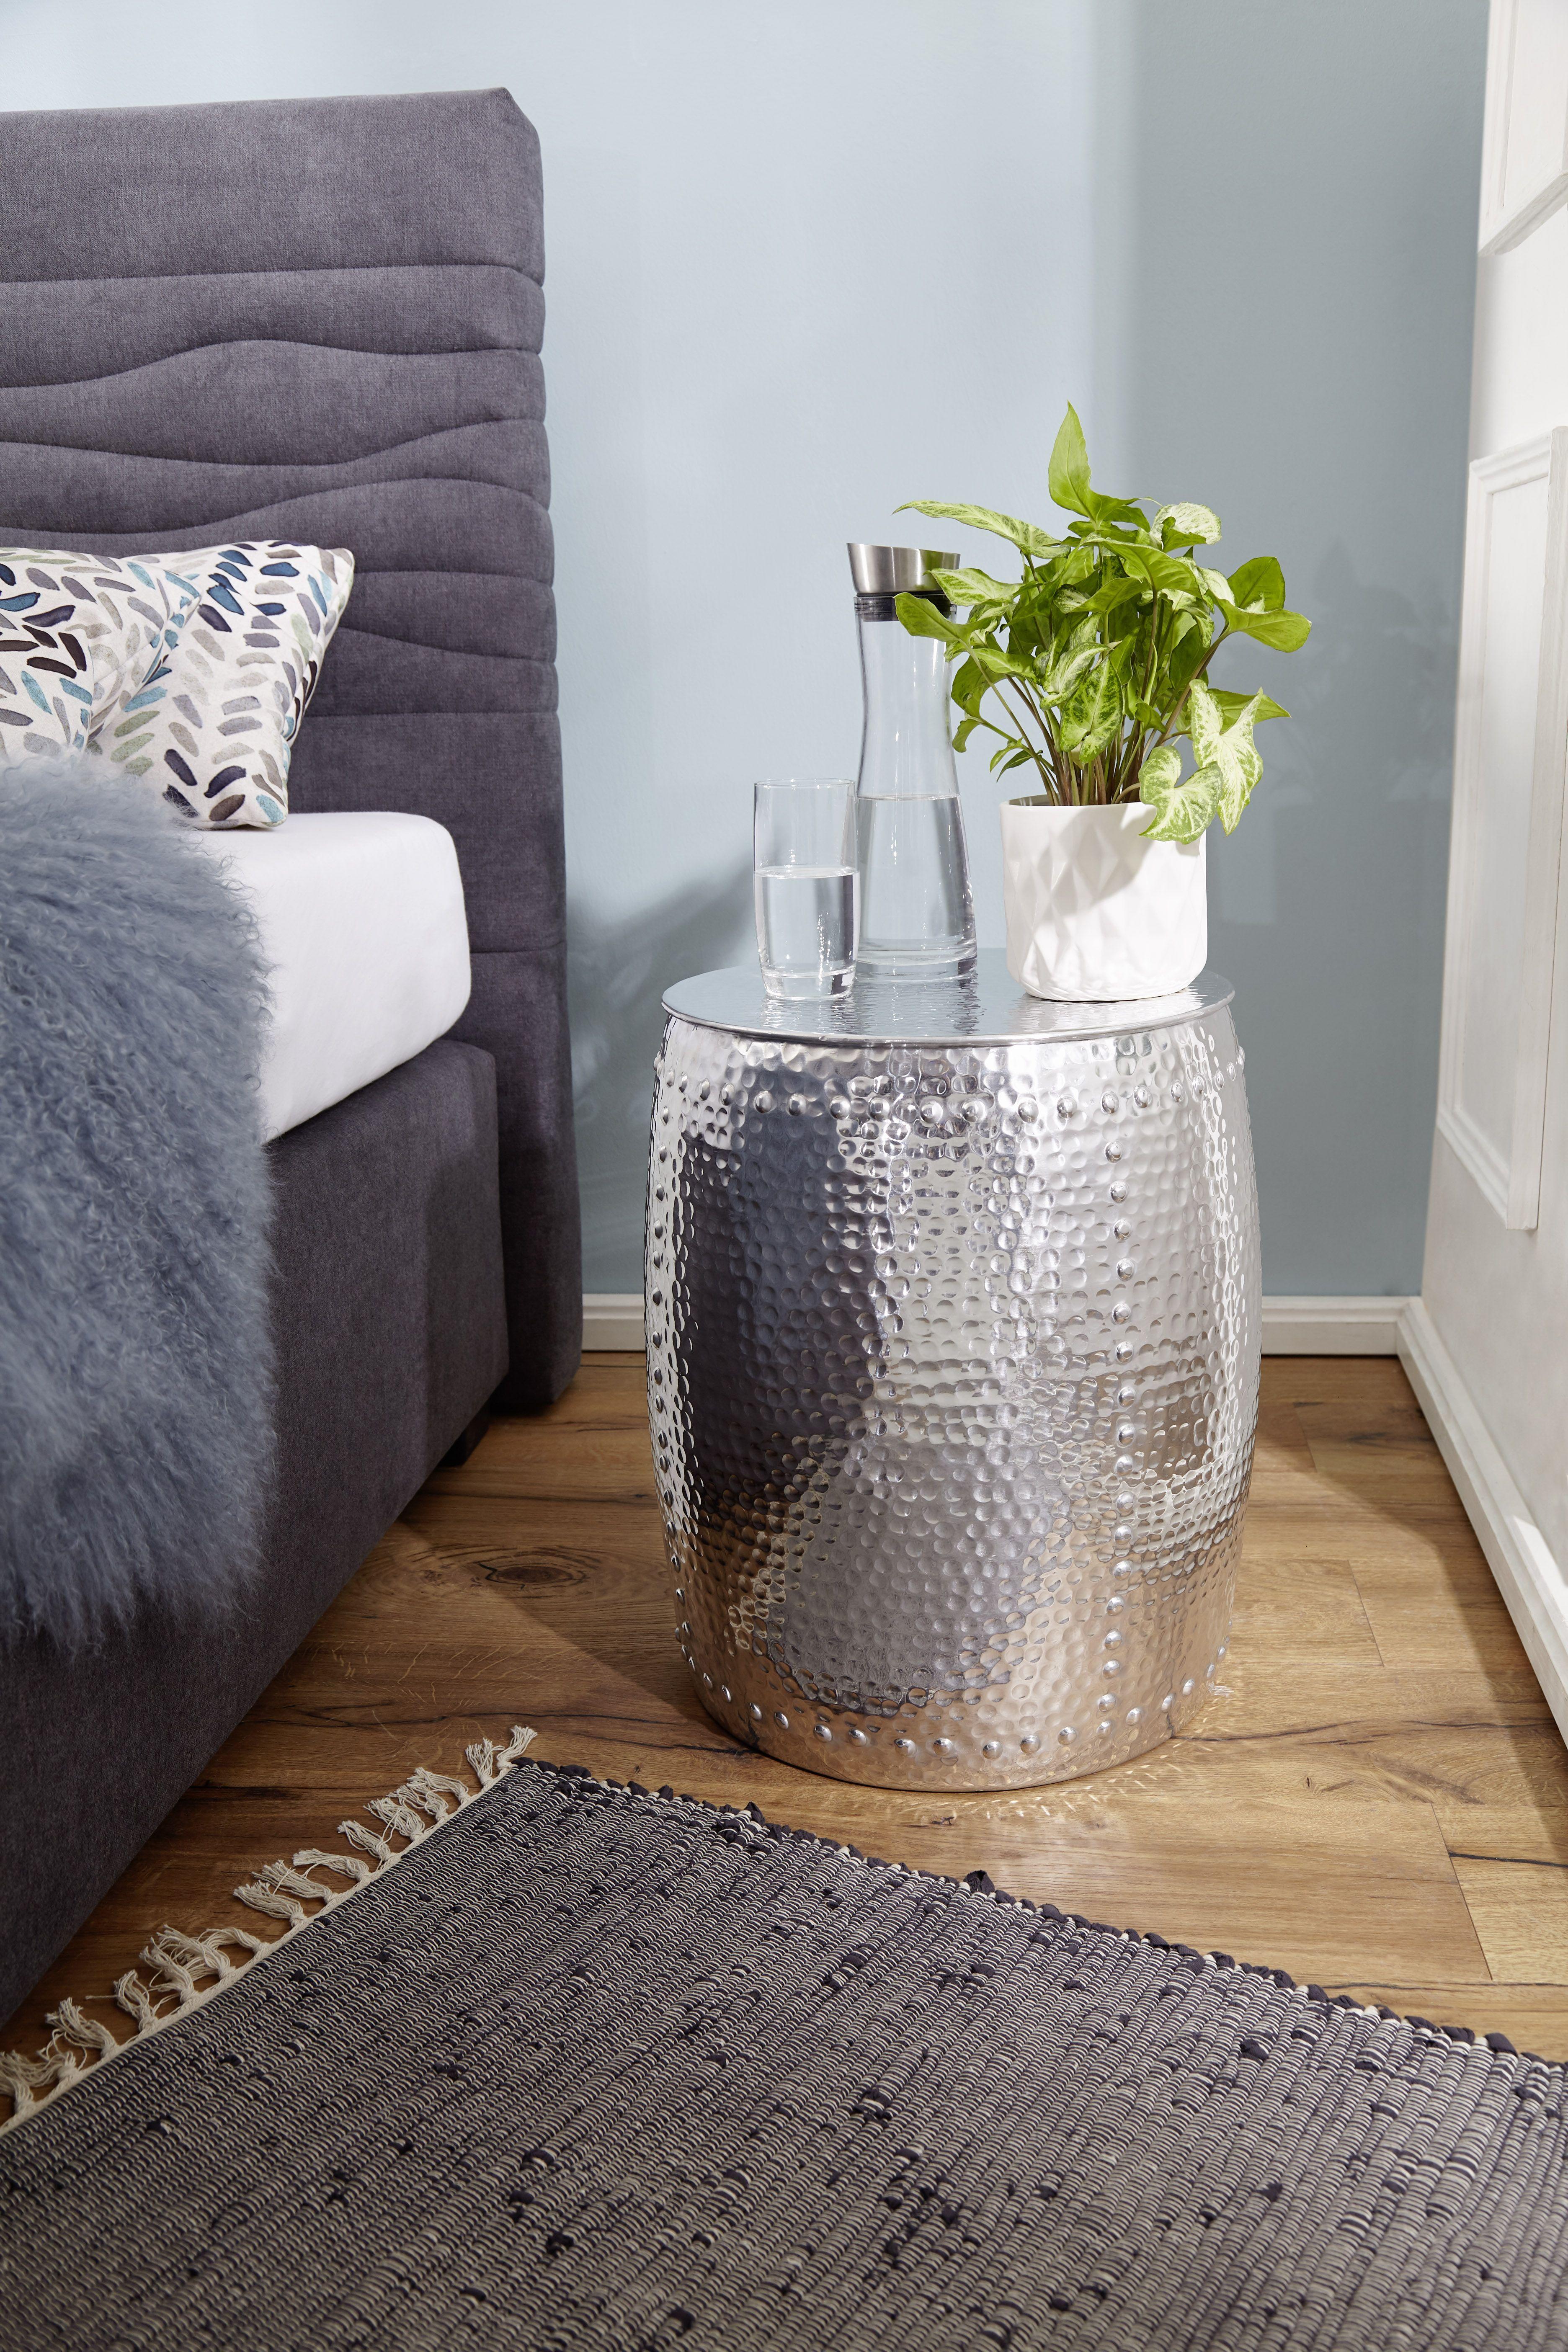 Wohnling Beistelltisch Petro Silber Wl5 469 Aus Aluminium Silber Metall Wohnidee Dekoration Ablage Wohnen Rund Design Beistelltisch Beistelltisch Tisch